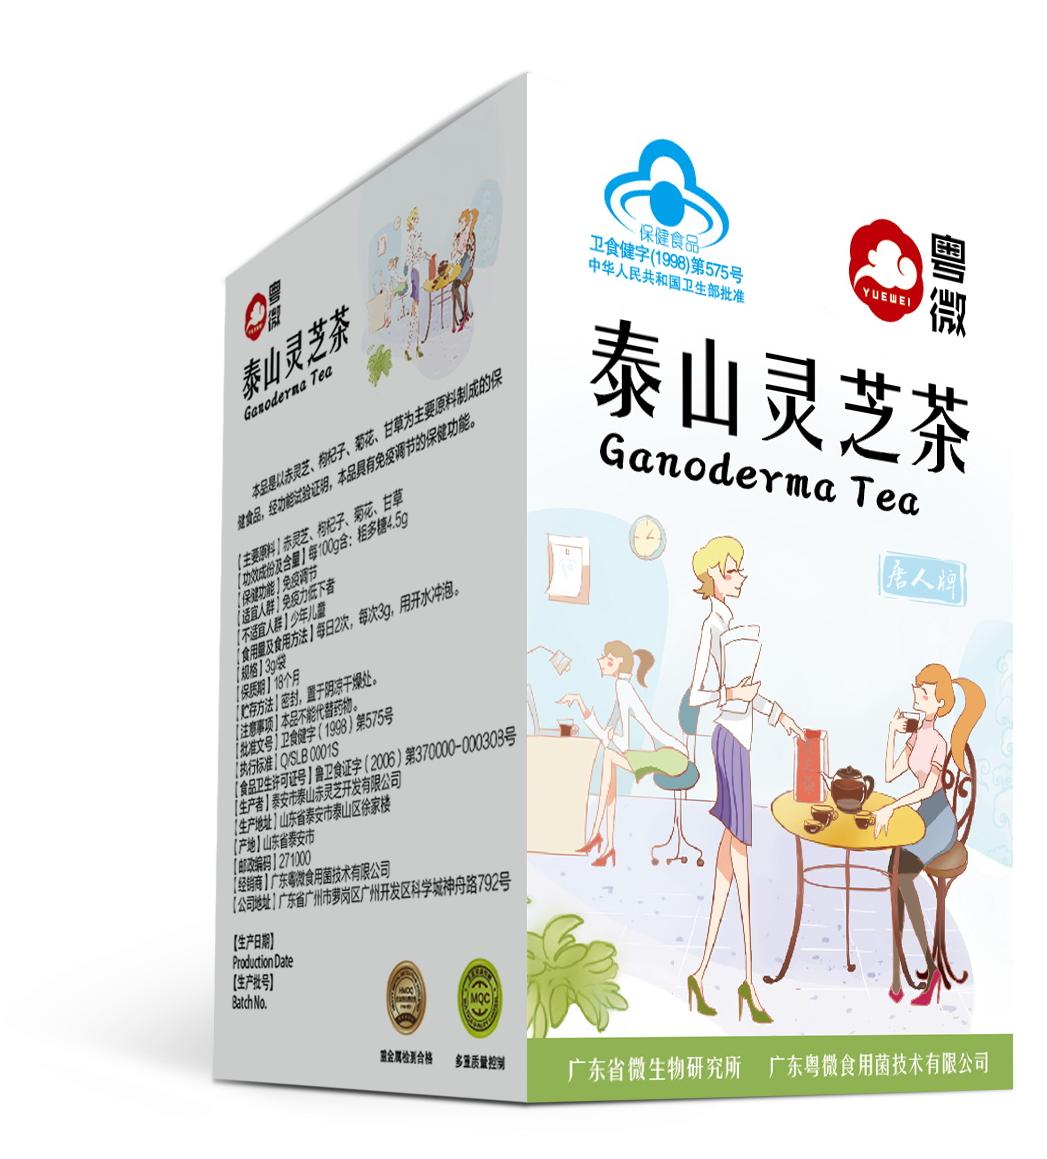 粤微泰山灵芝茶